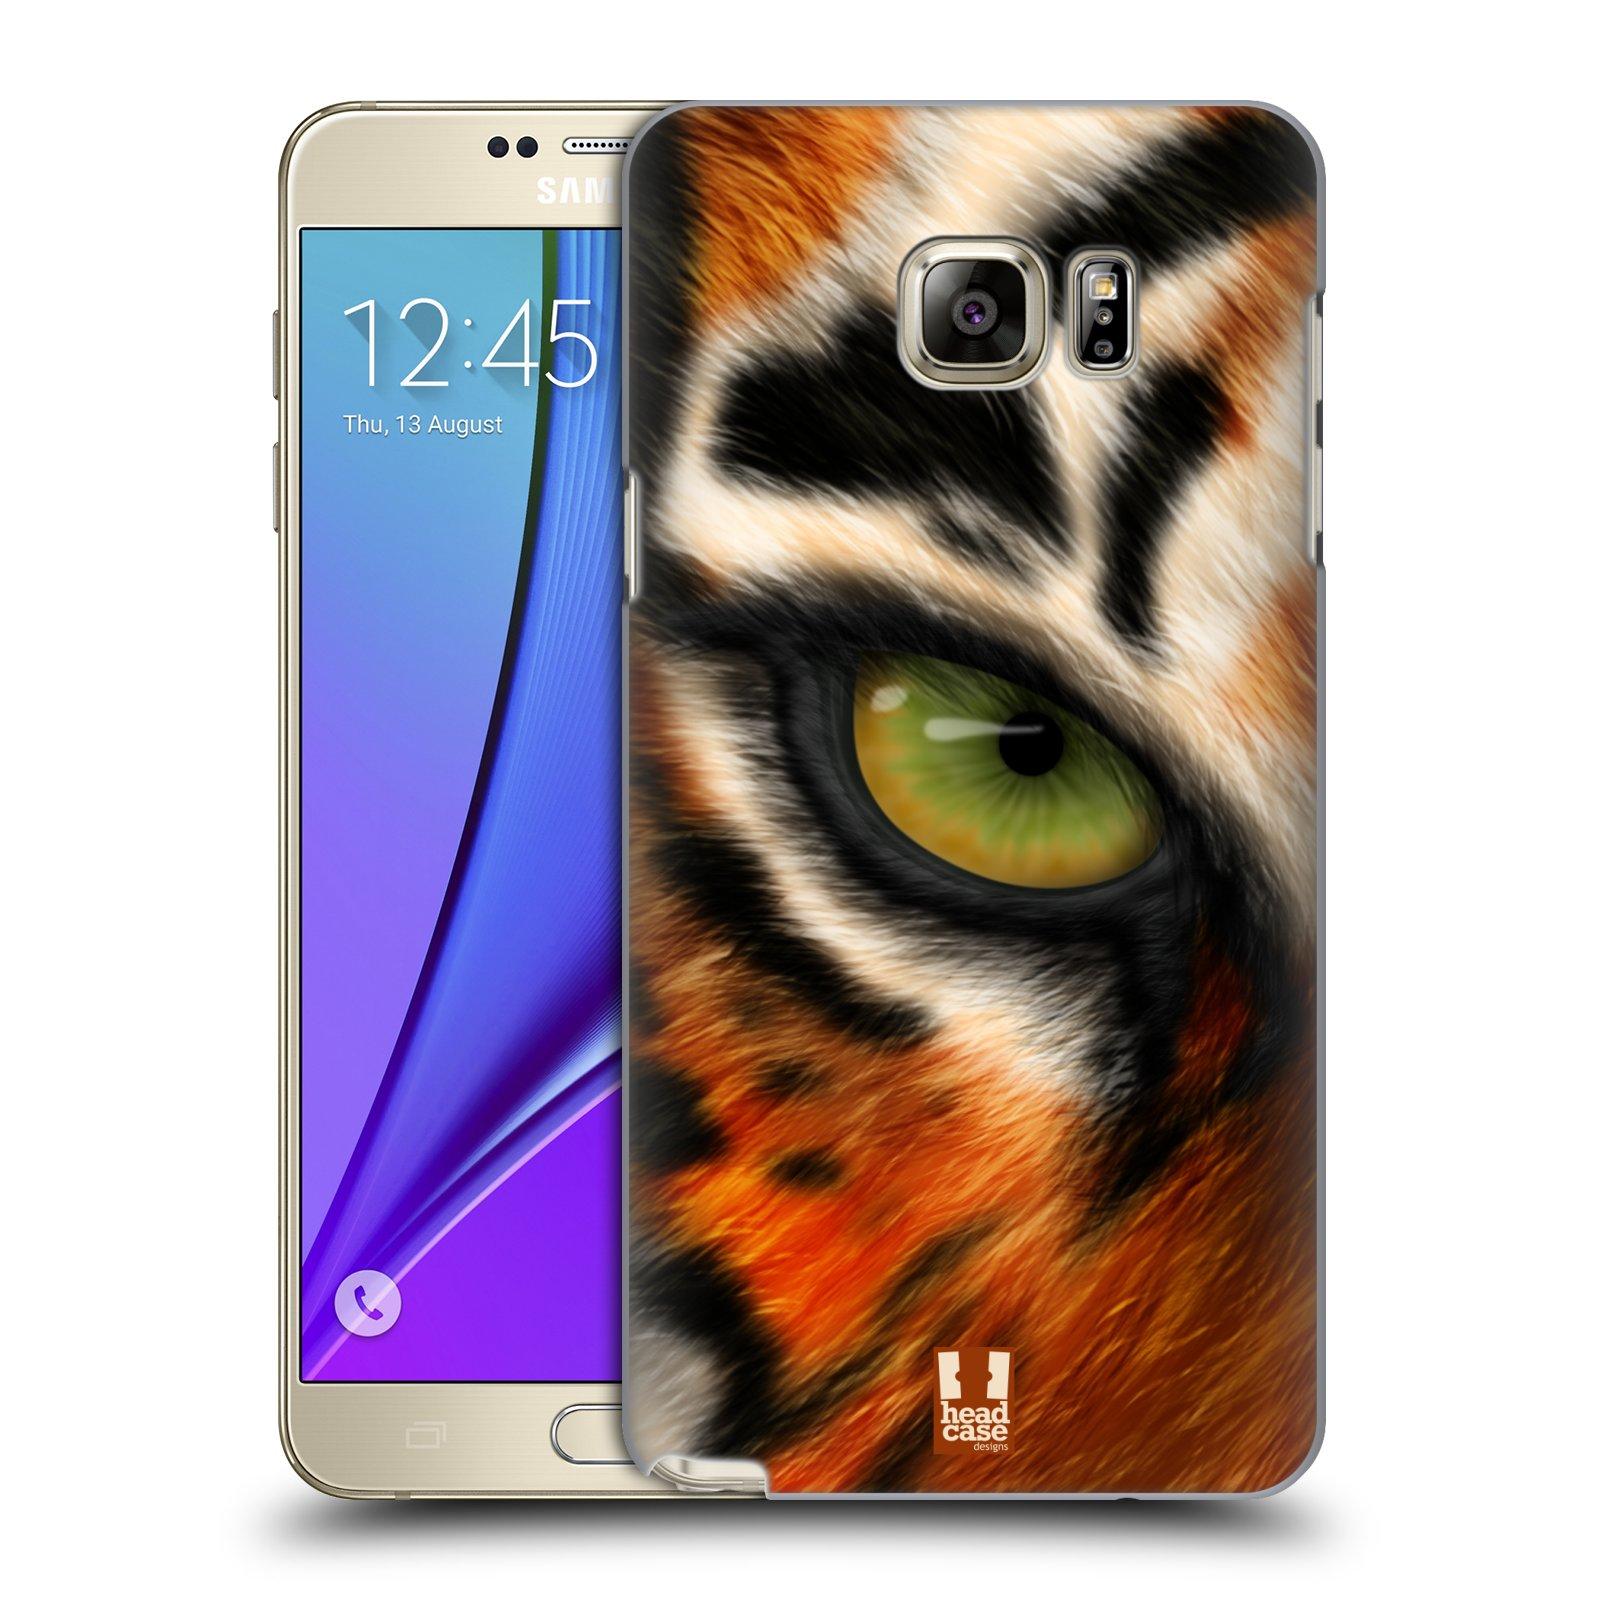 HEAD CASE plastový obal na mobil SAMSUNG Galaxy Note 5 (N920) vzor pohled zvířete oko tygr